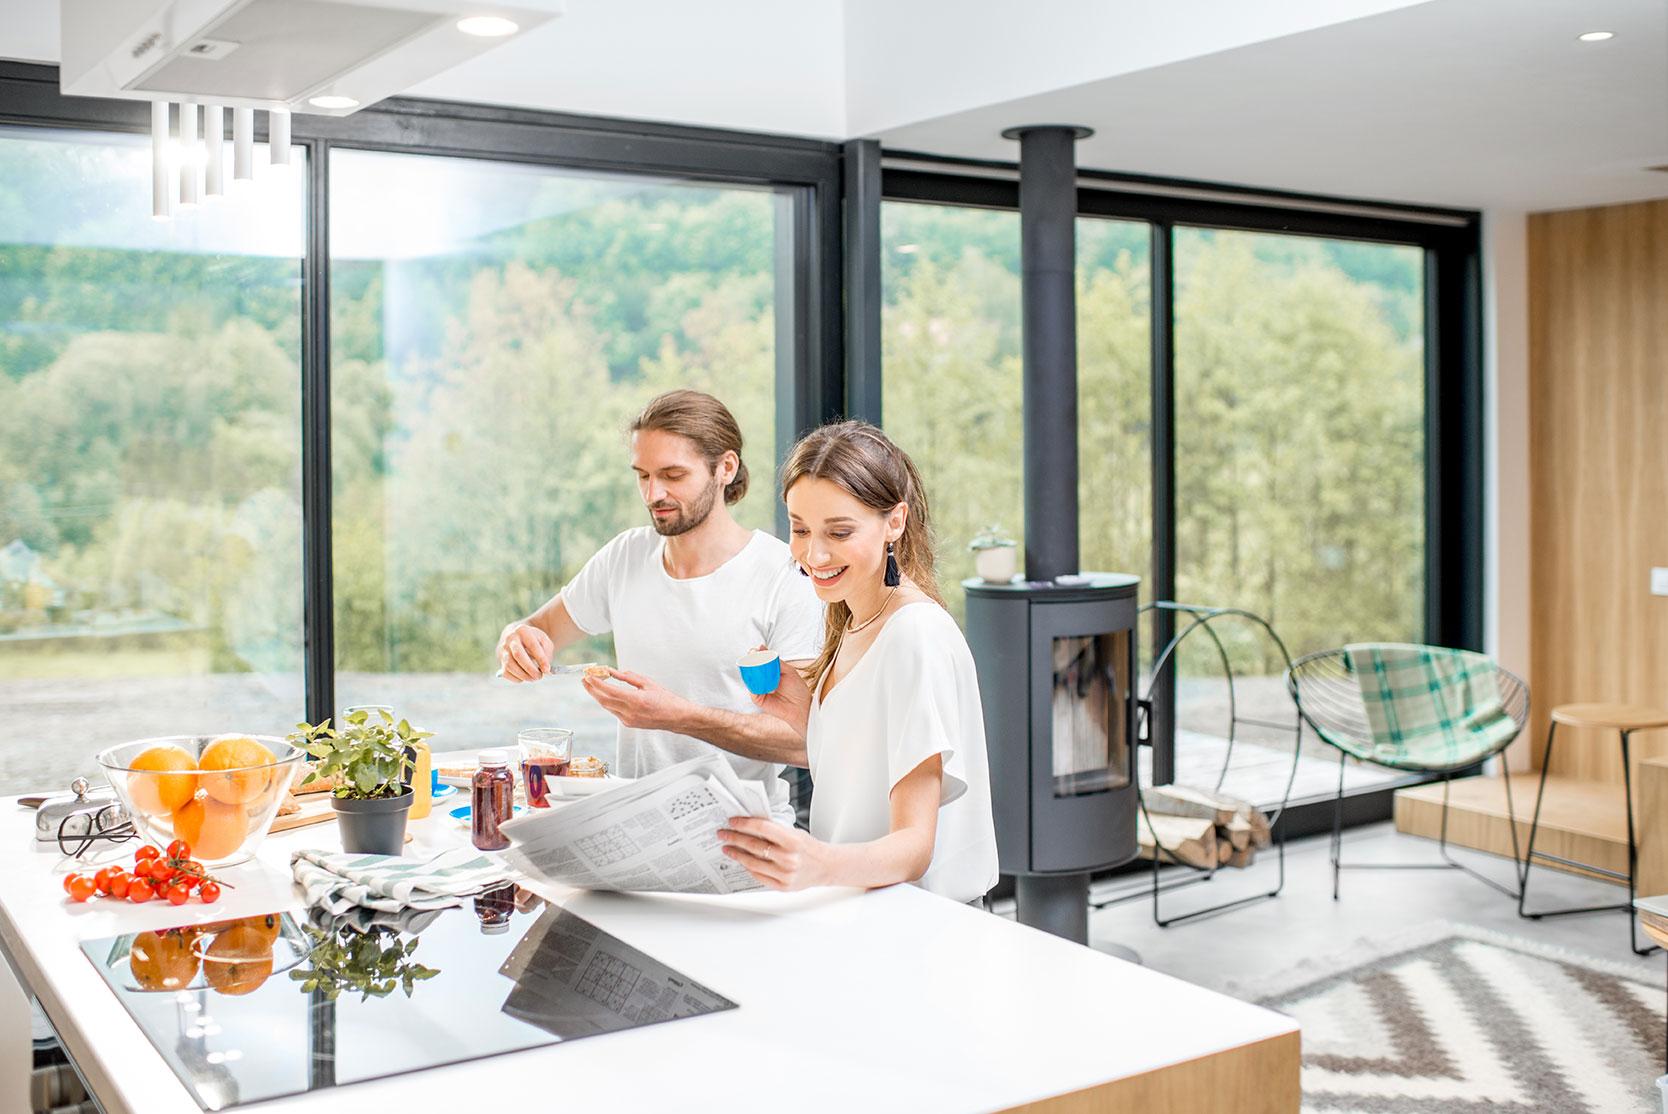 6 ideas de reformas en vidrio para dar una nueva vida a tu hogar